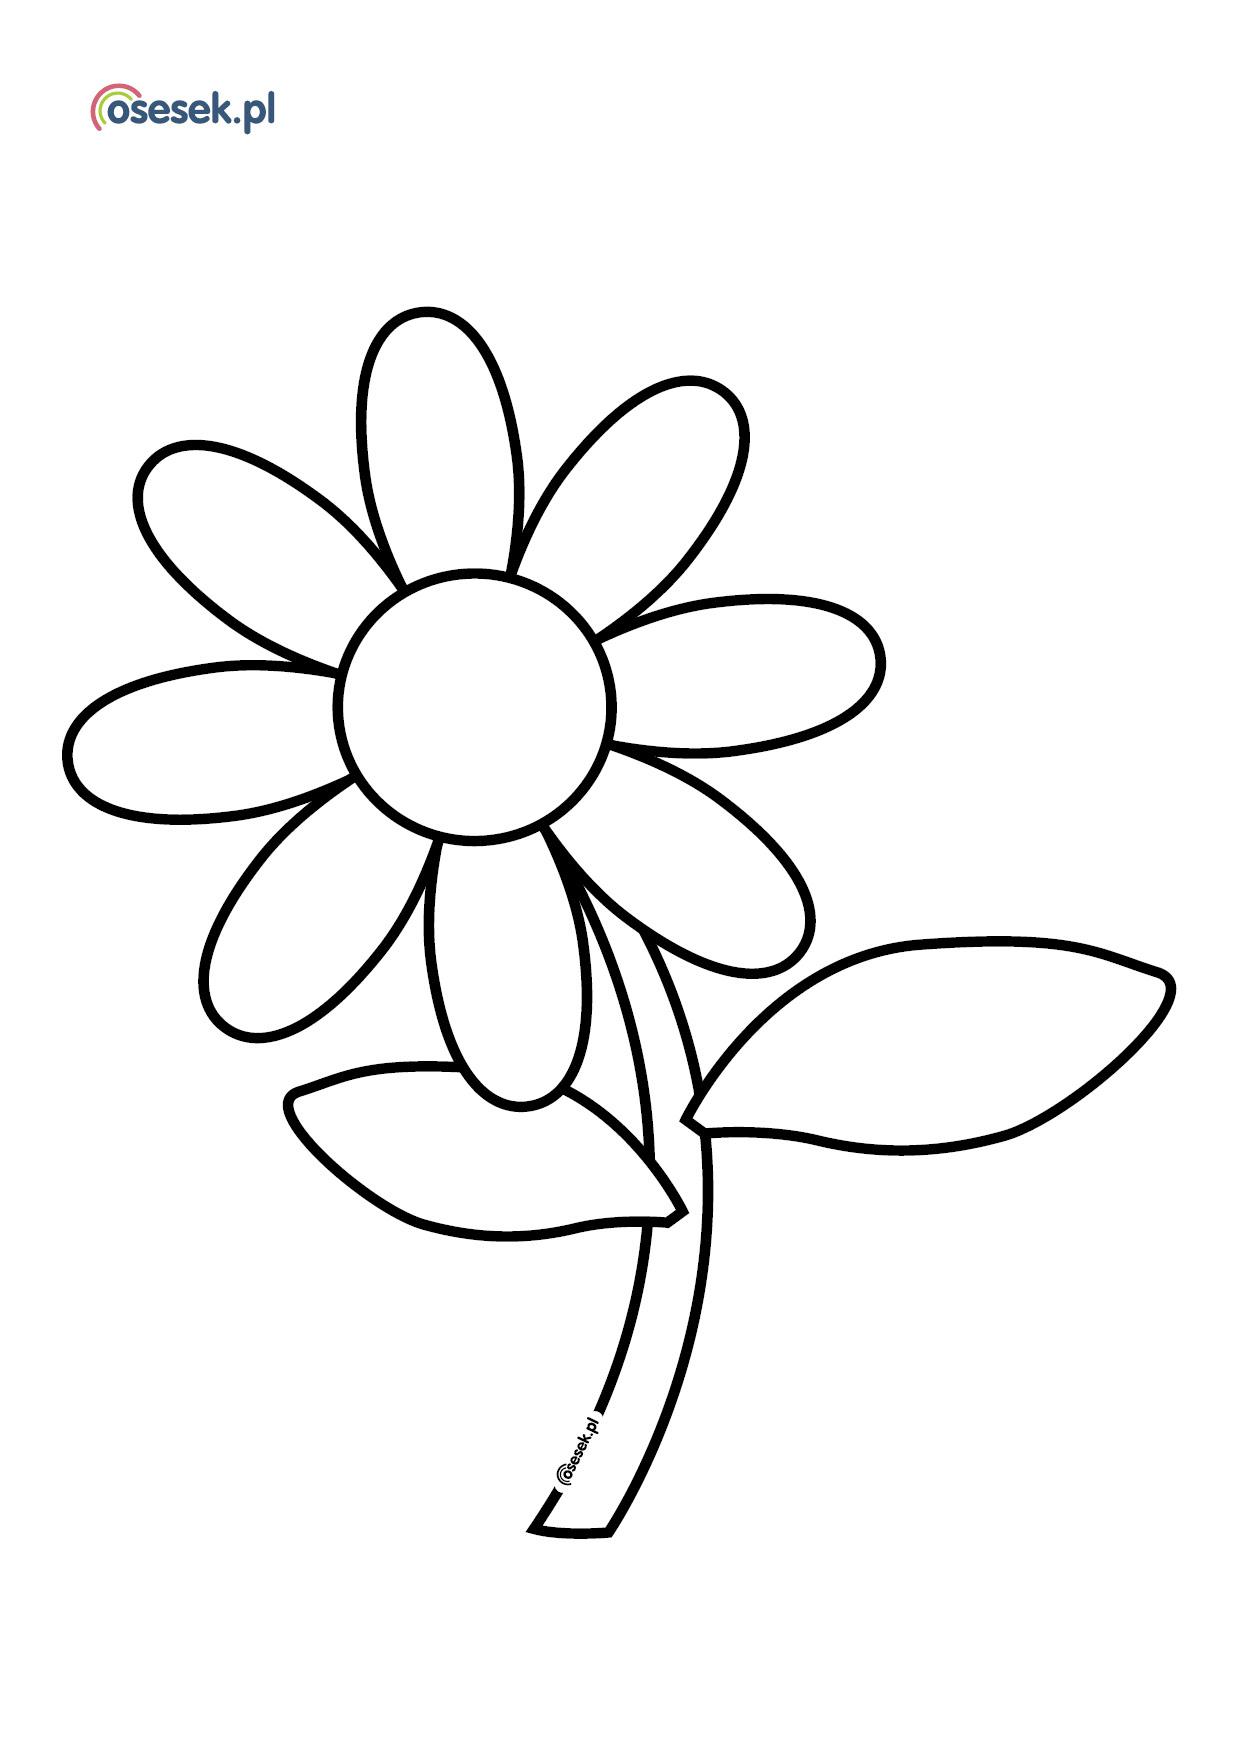 Kwiatek Kolorowanka Dla Dzieci Do Druku Osesek Pl